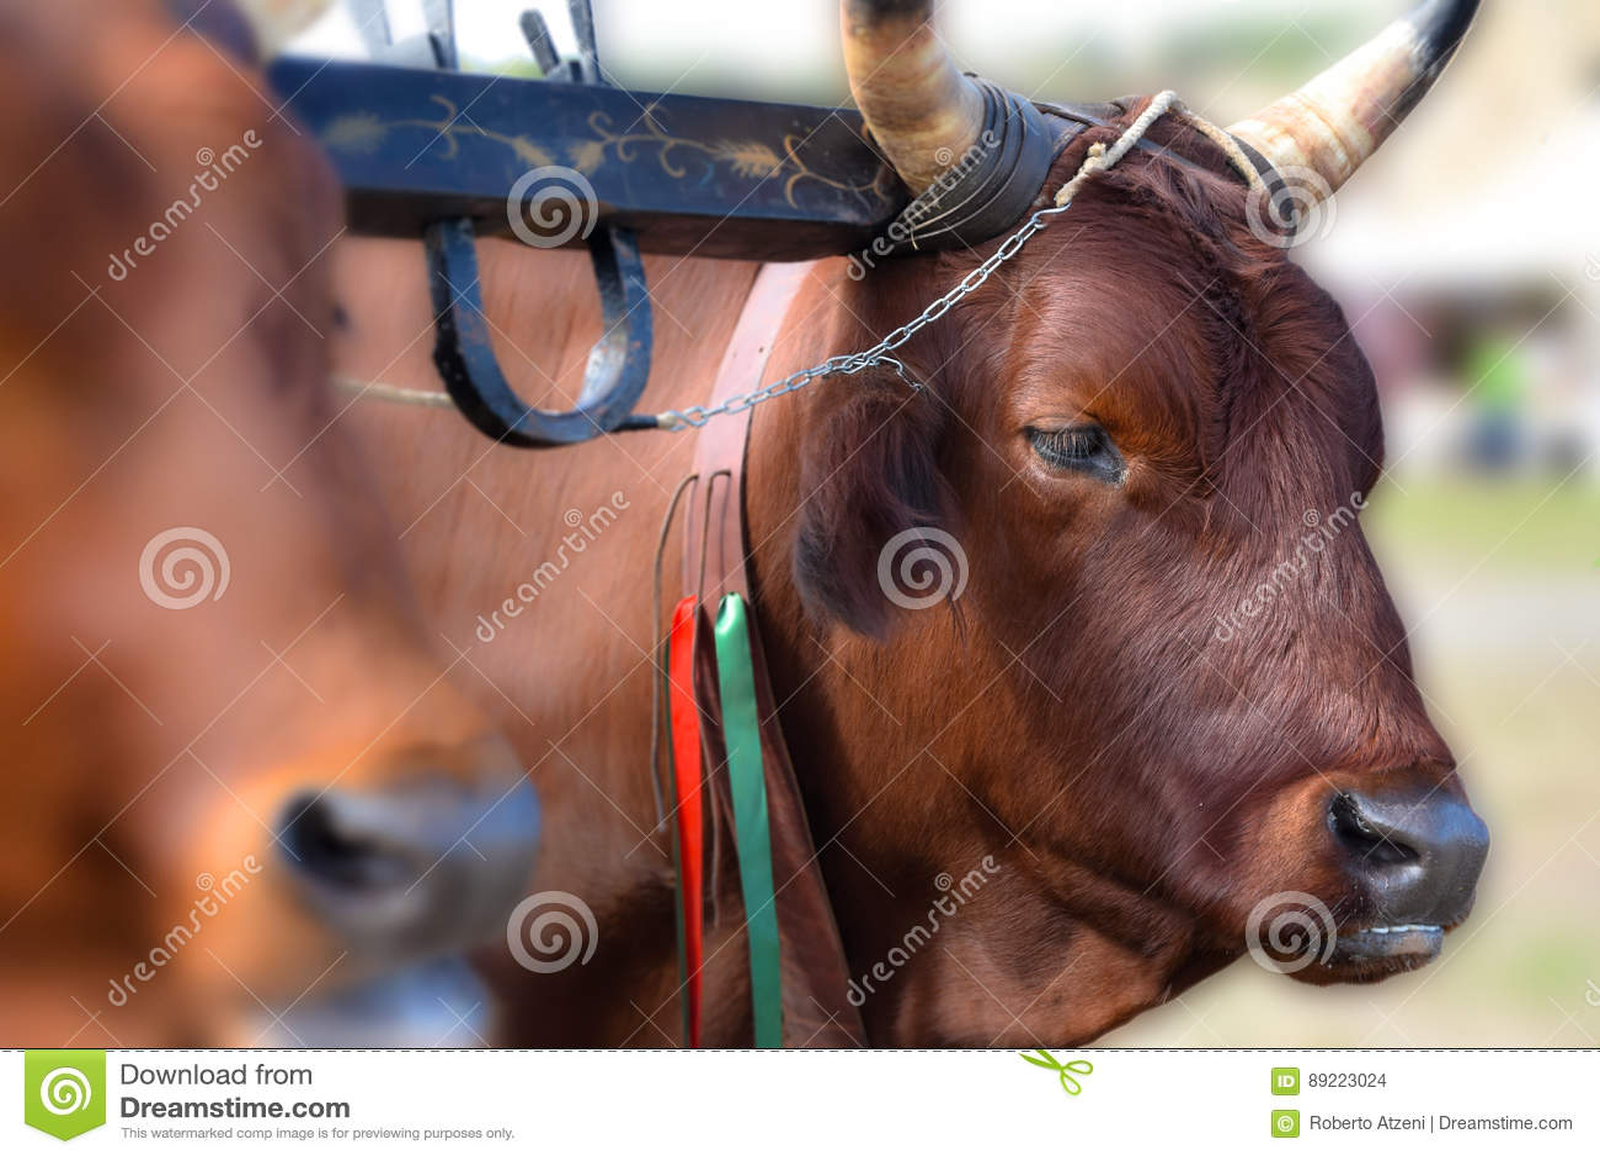 Vache rouge italienne dans la ferme rurale, joug des boeufs dans l agriculture biologique